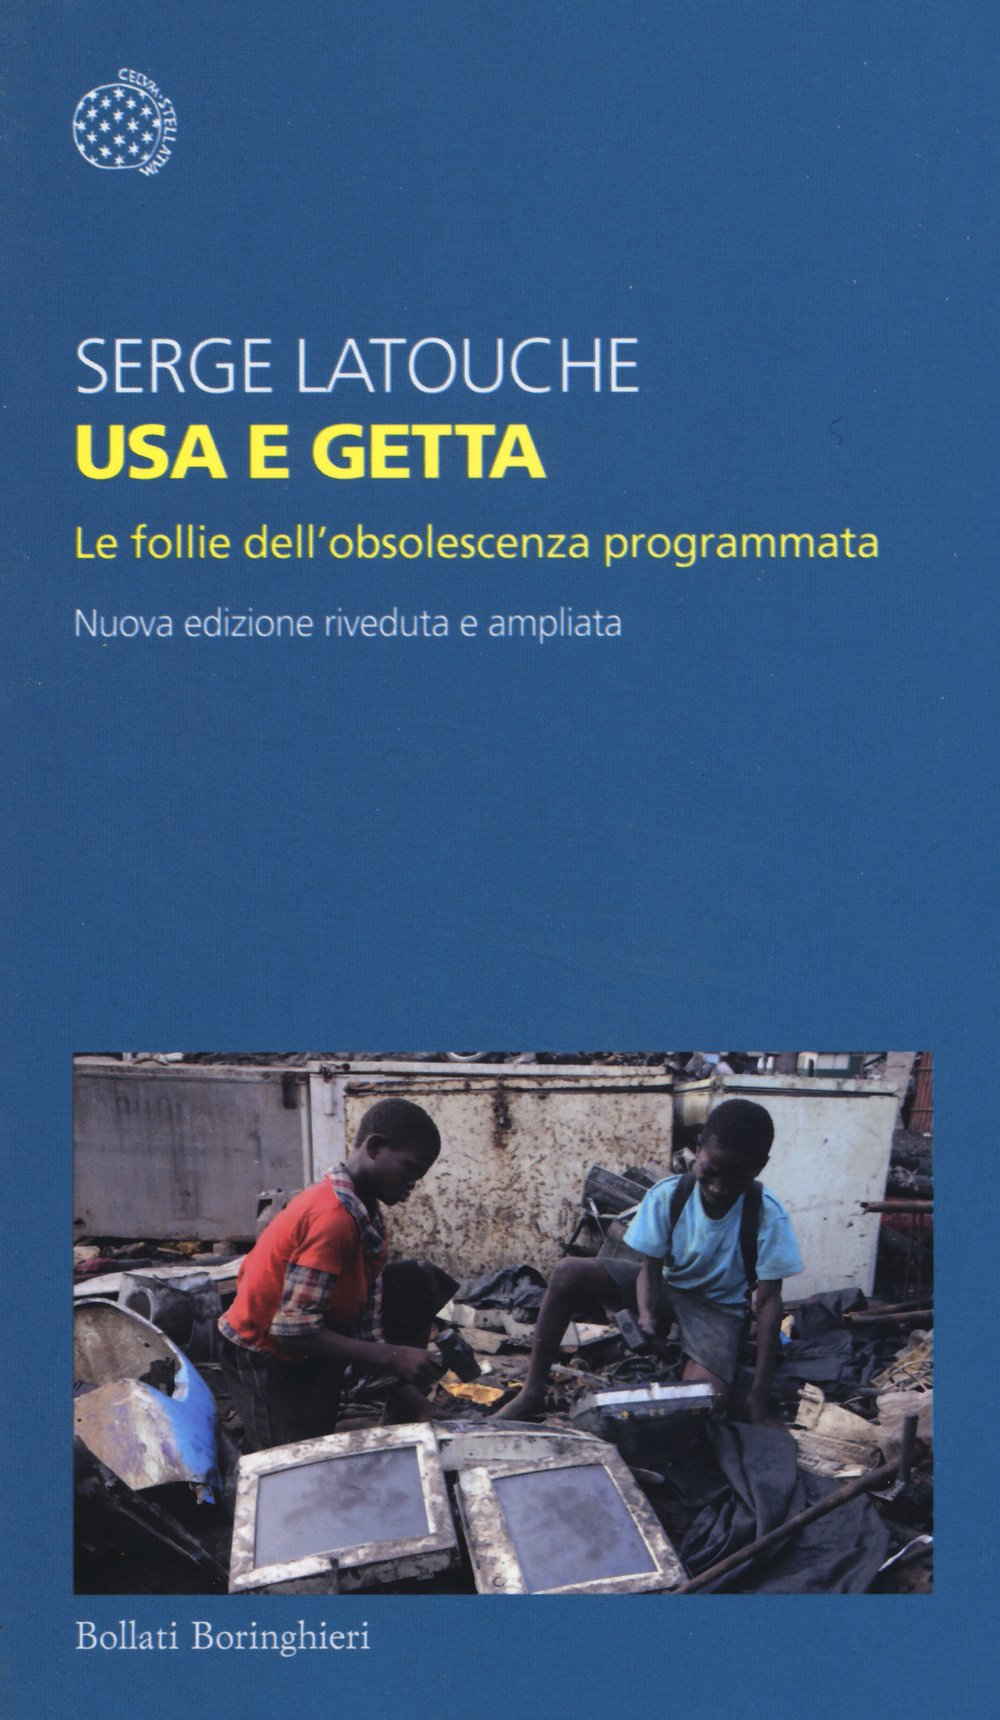 Usa e getta. Le follie dell'obsolescenza programmata Copertina flessibile – 23 apr 2015 Serge Latouche F. Grillenzoni Bollati Boringhieri 8833926478